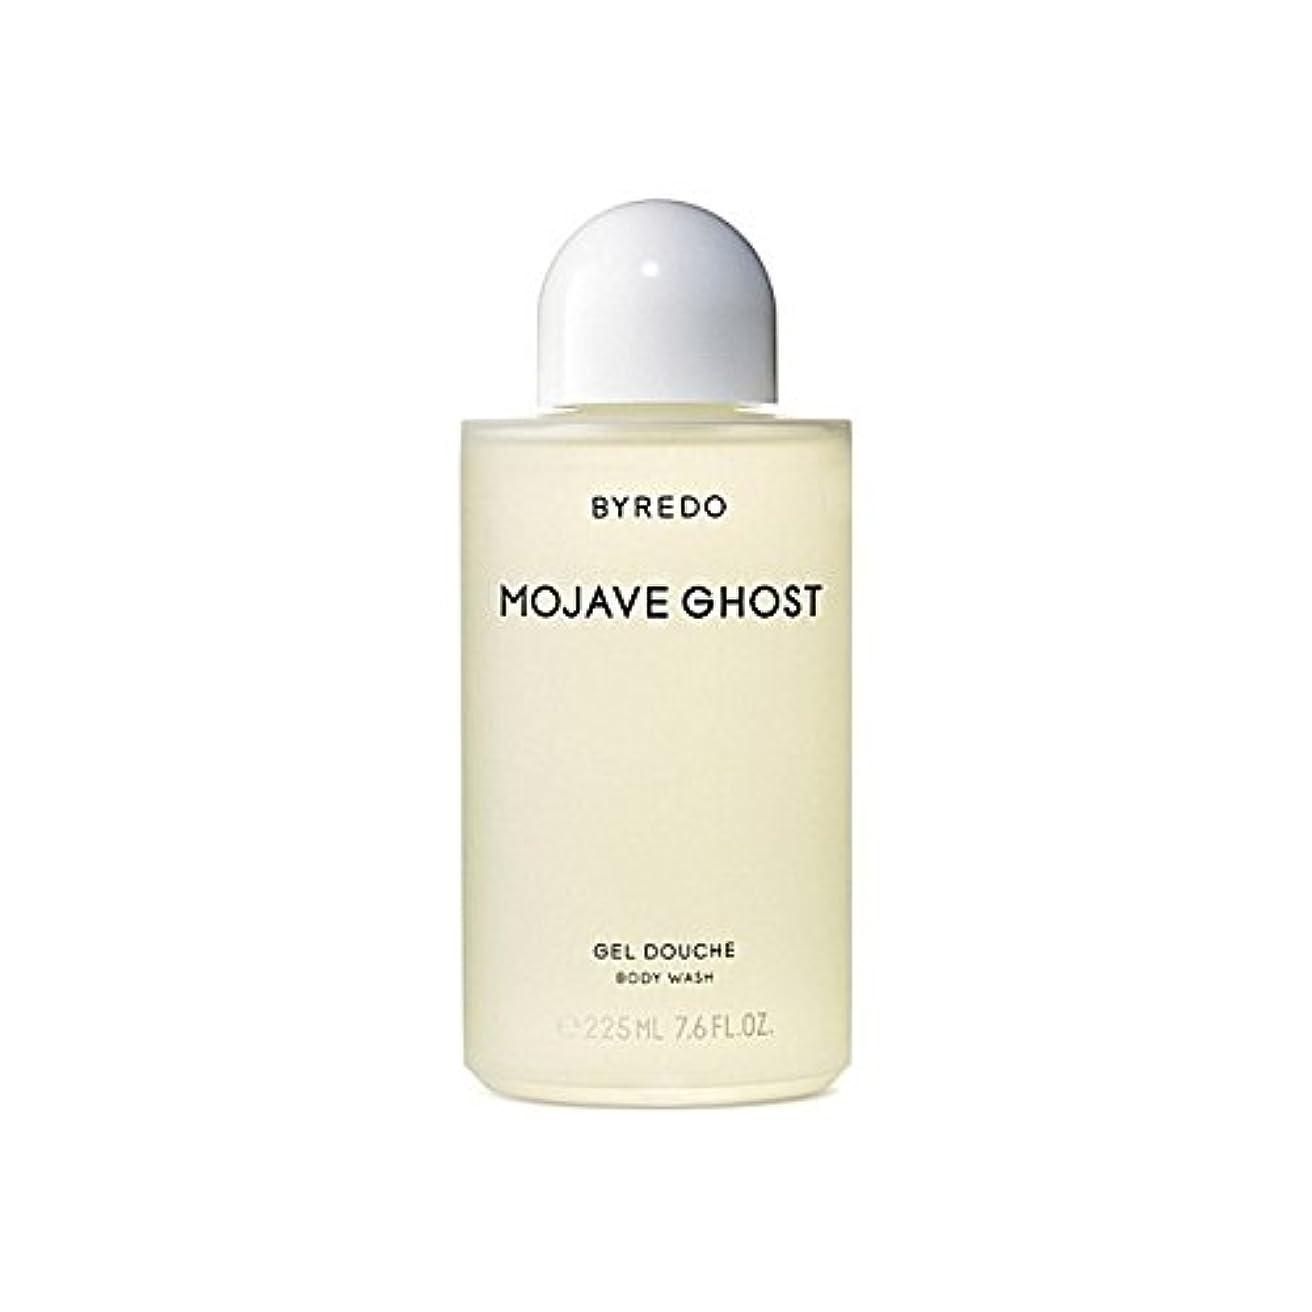 軍レビュー残基Byredo Mojave Ghost Body Wash 225ml - モハーベゴーストボディウォッシュ225ミリリットル [並行輸入品]